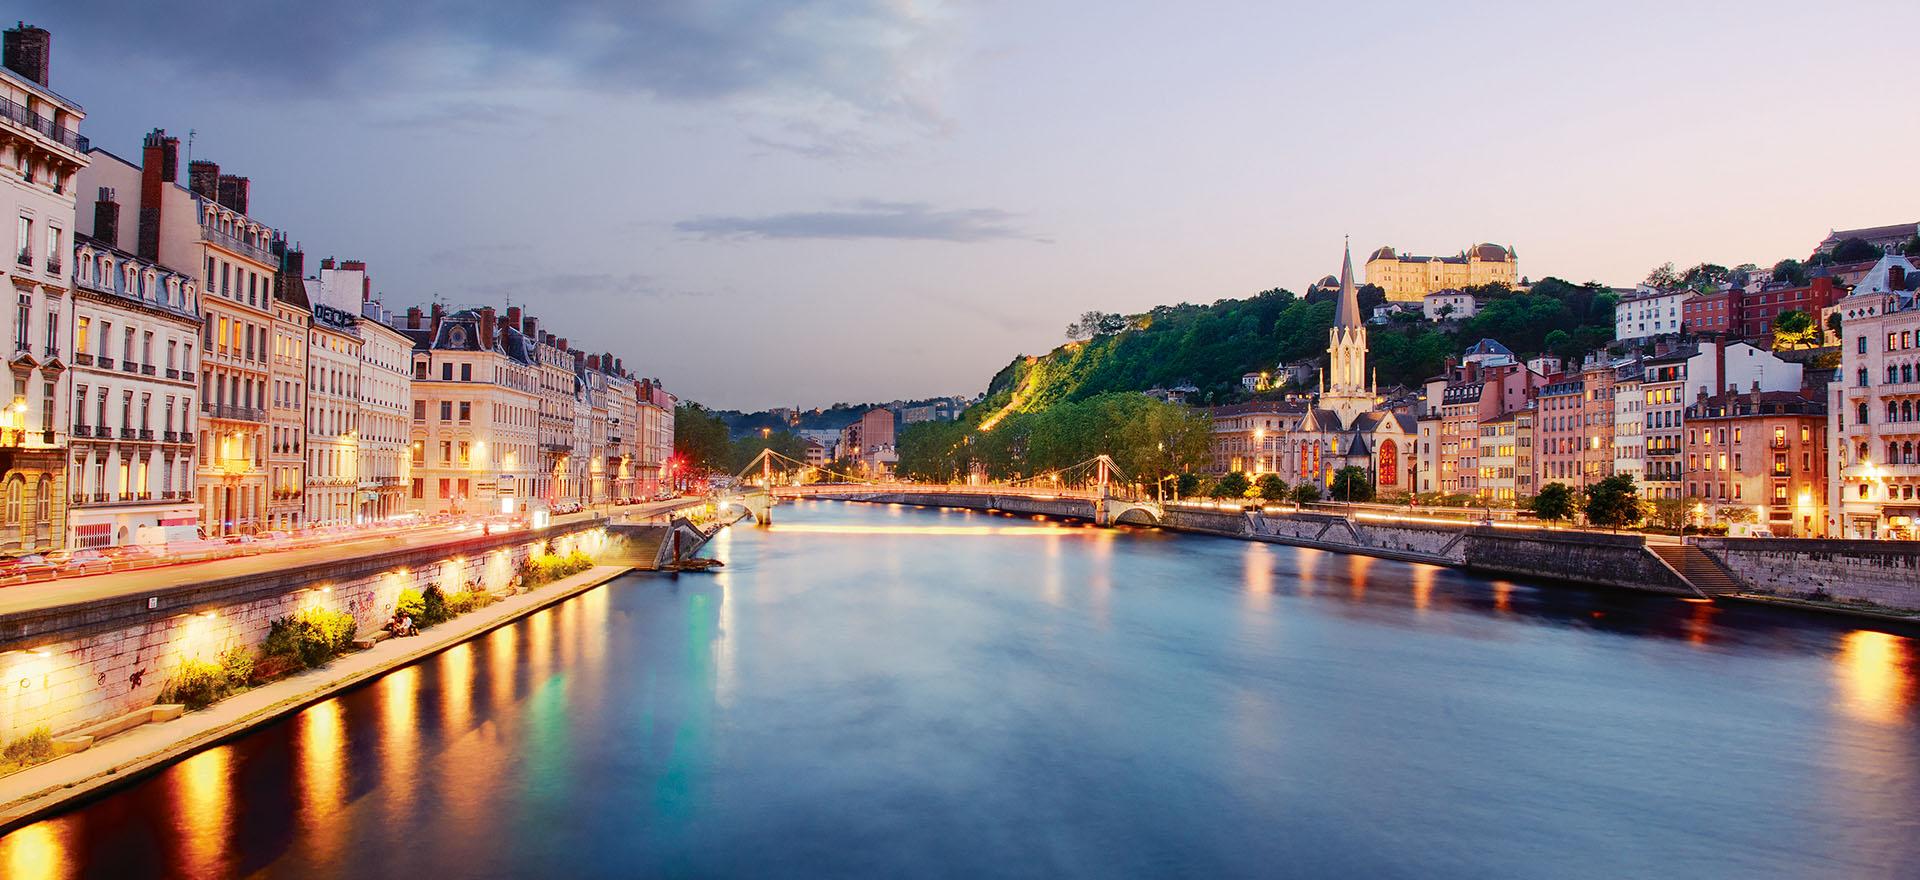 River through Lyon in evening